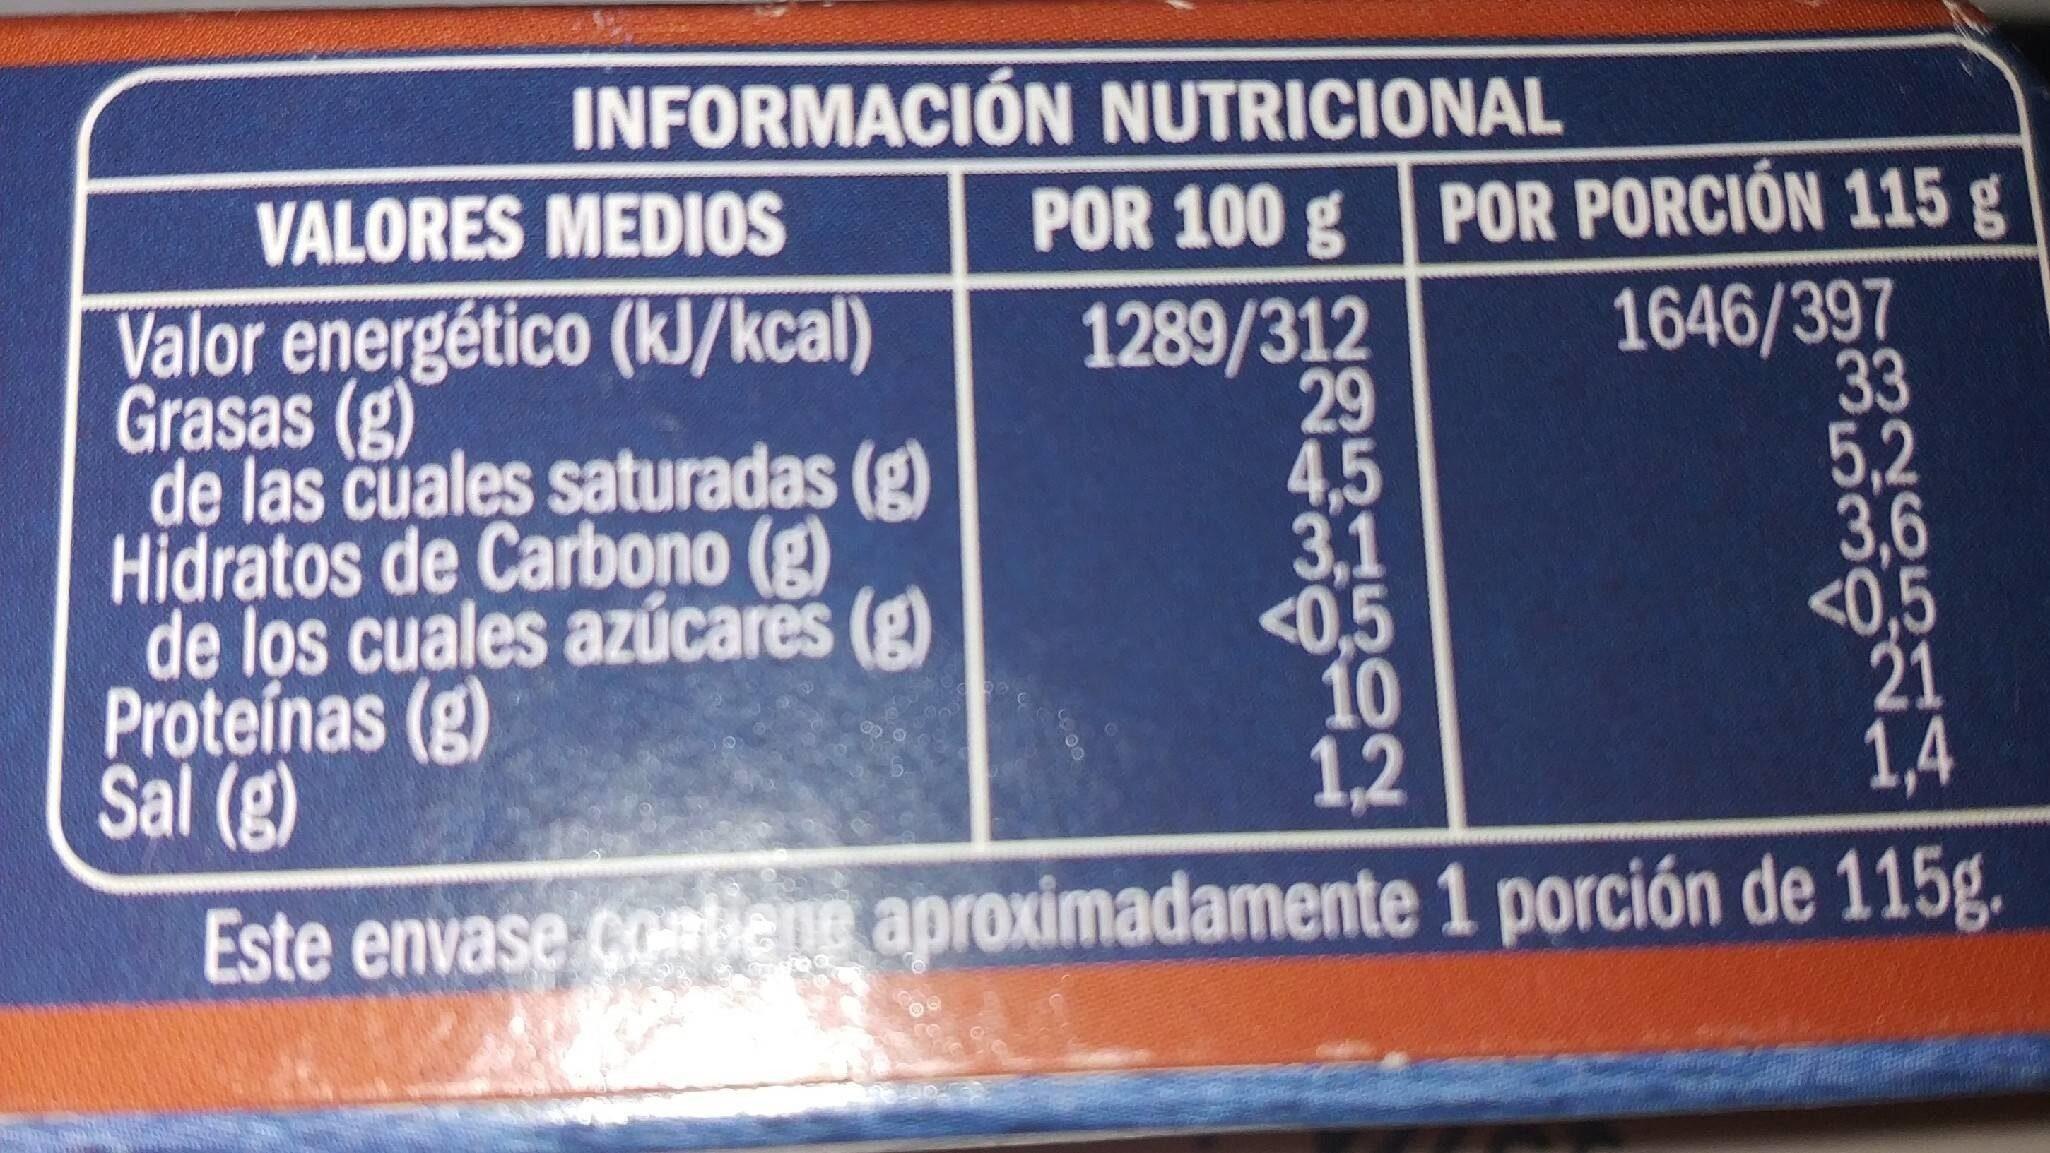 Zamburiña en salsa de vieira - Información nutricional - es